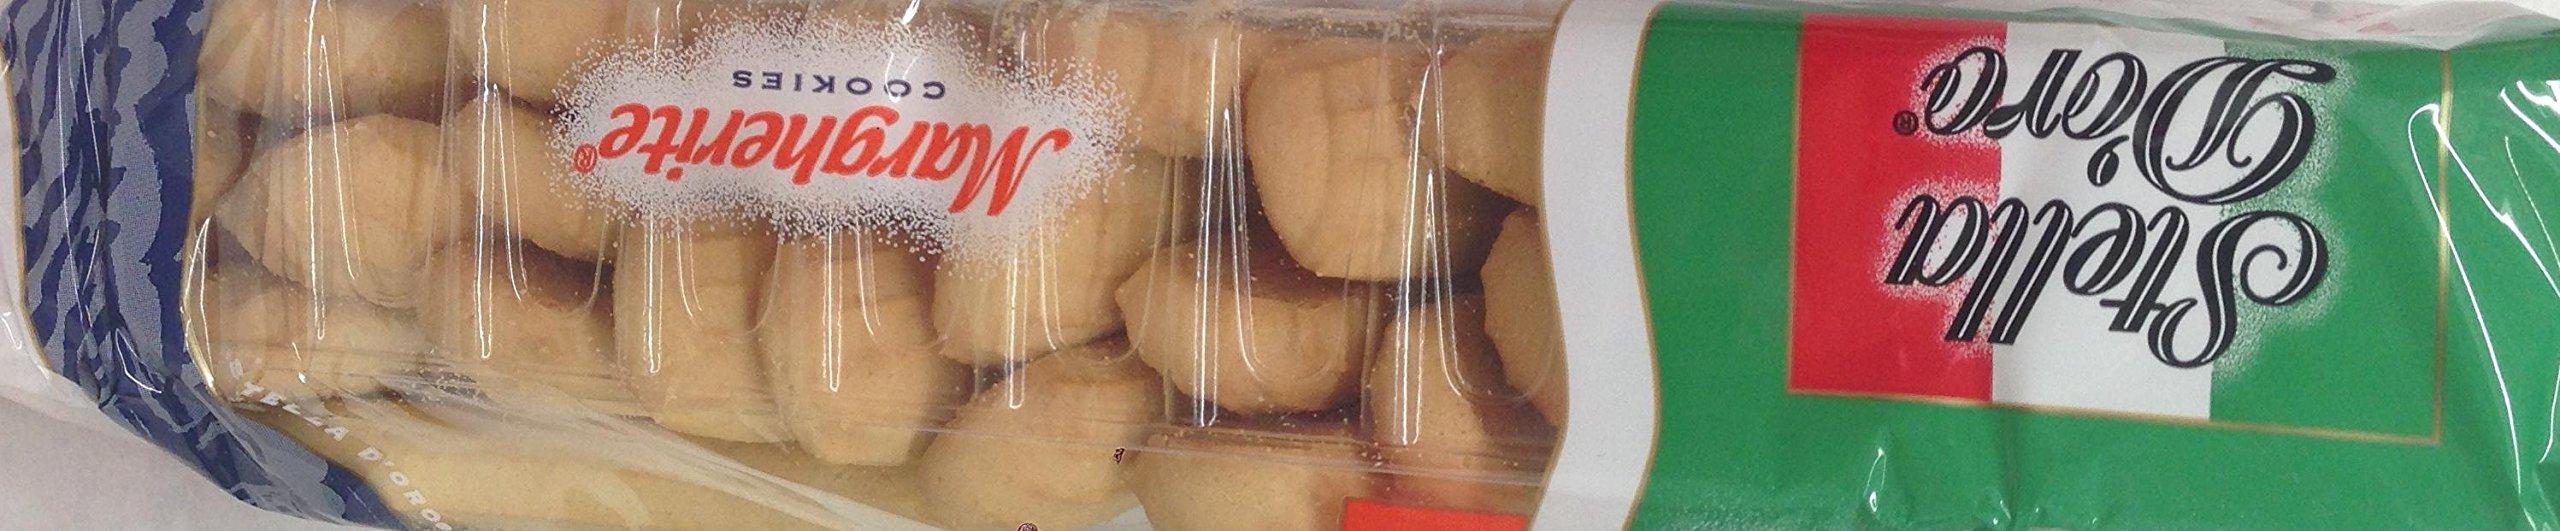 Stella Doro Cookies Margherite 12 Oz. Pack Of 3.